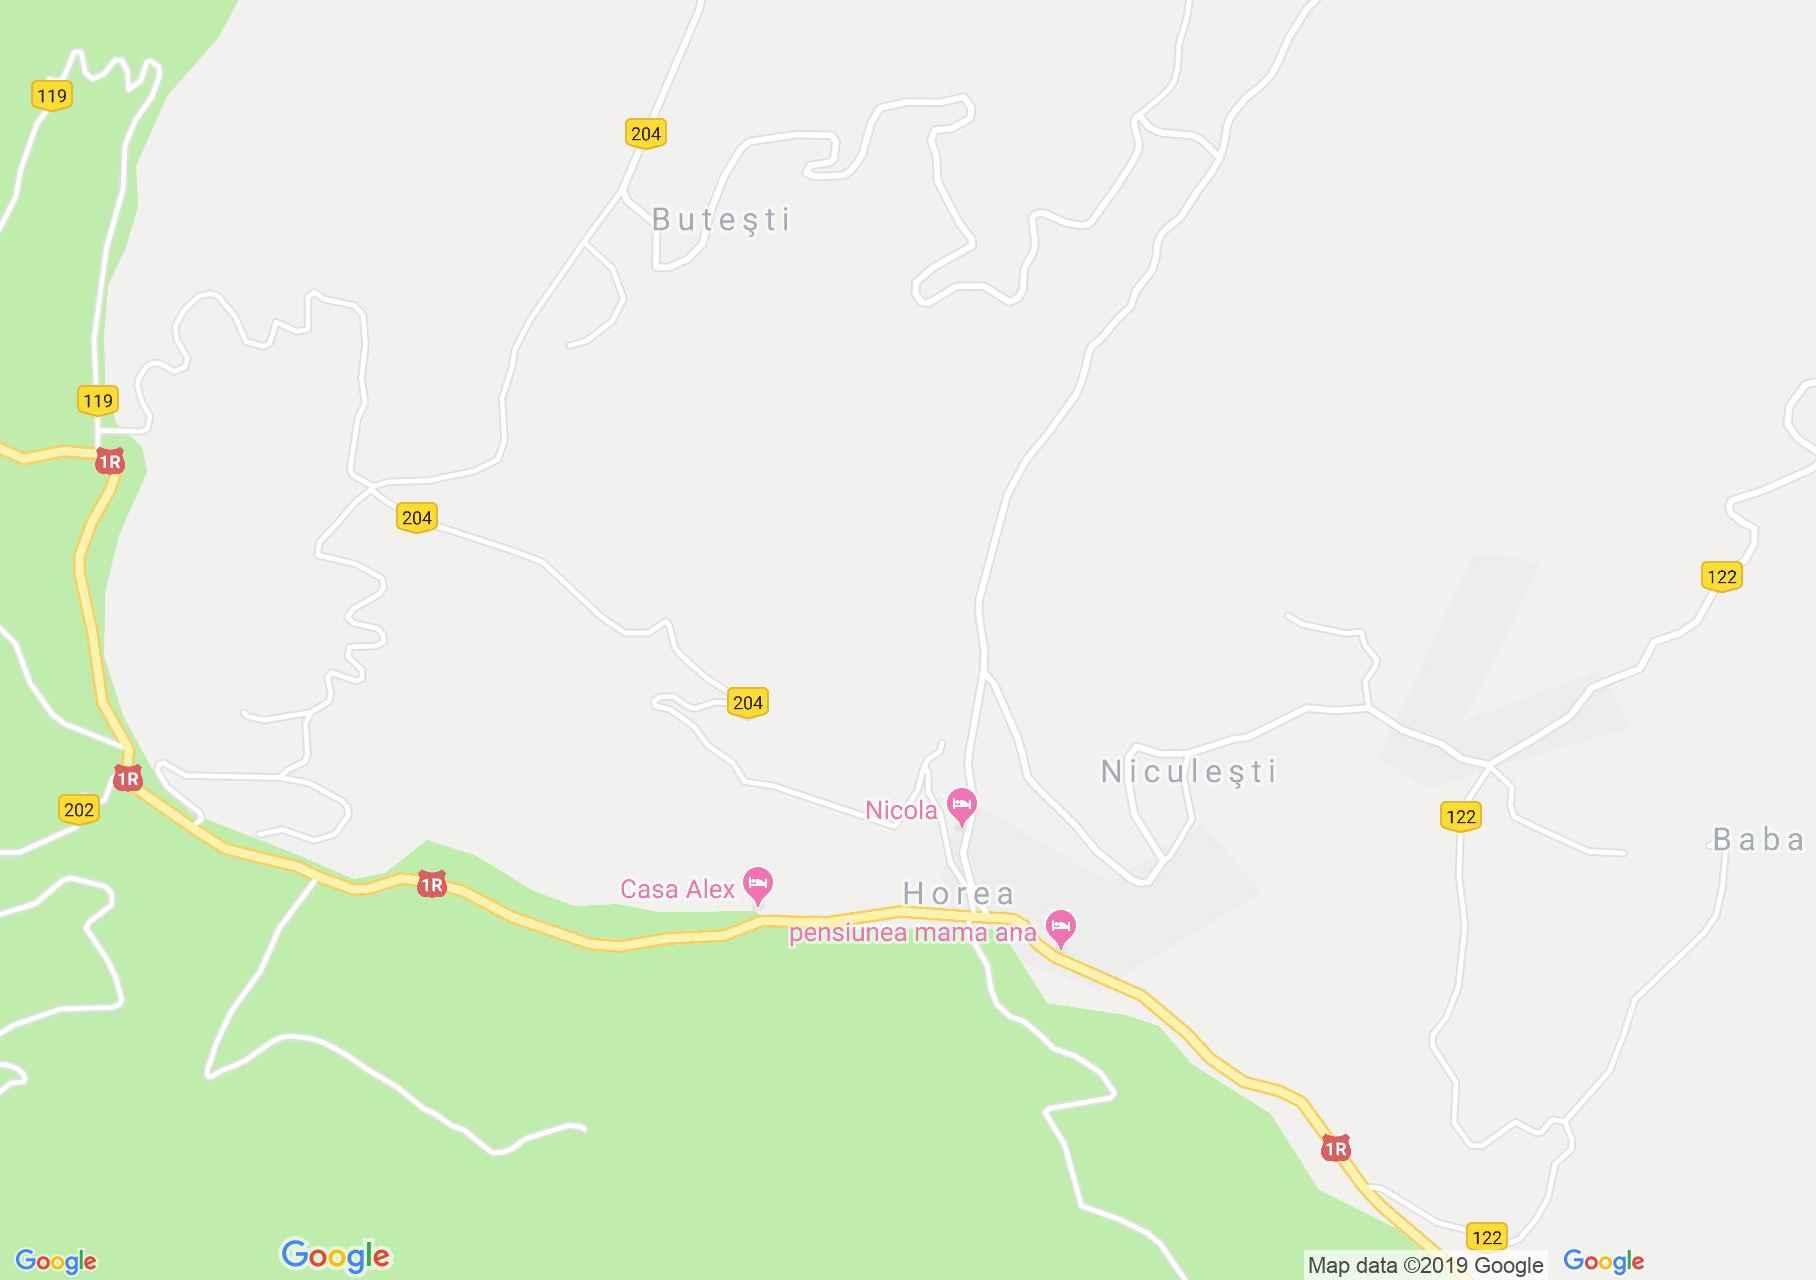 Horea: Népművészeti múzeum (térkép)